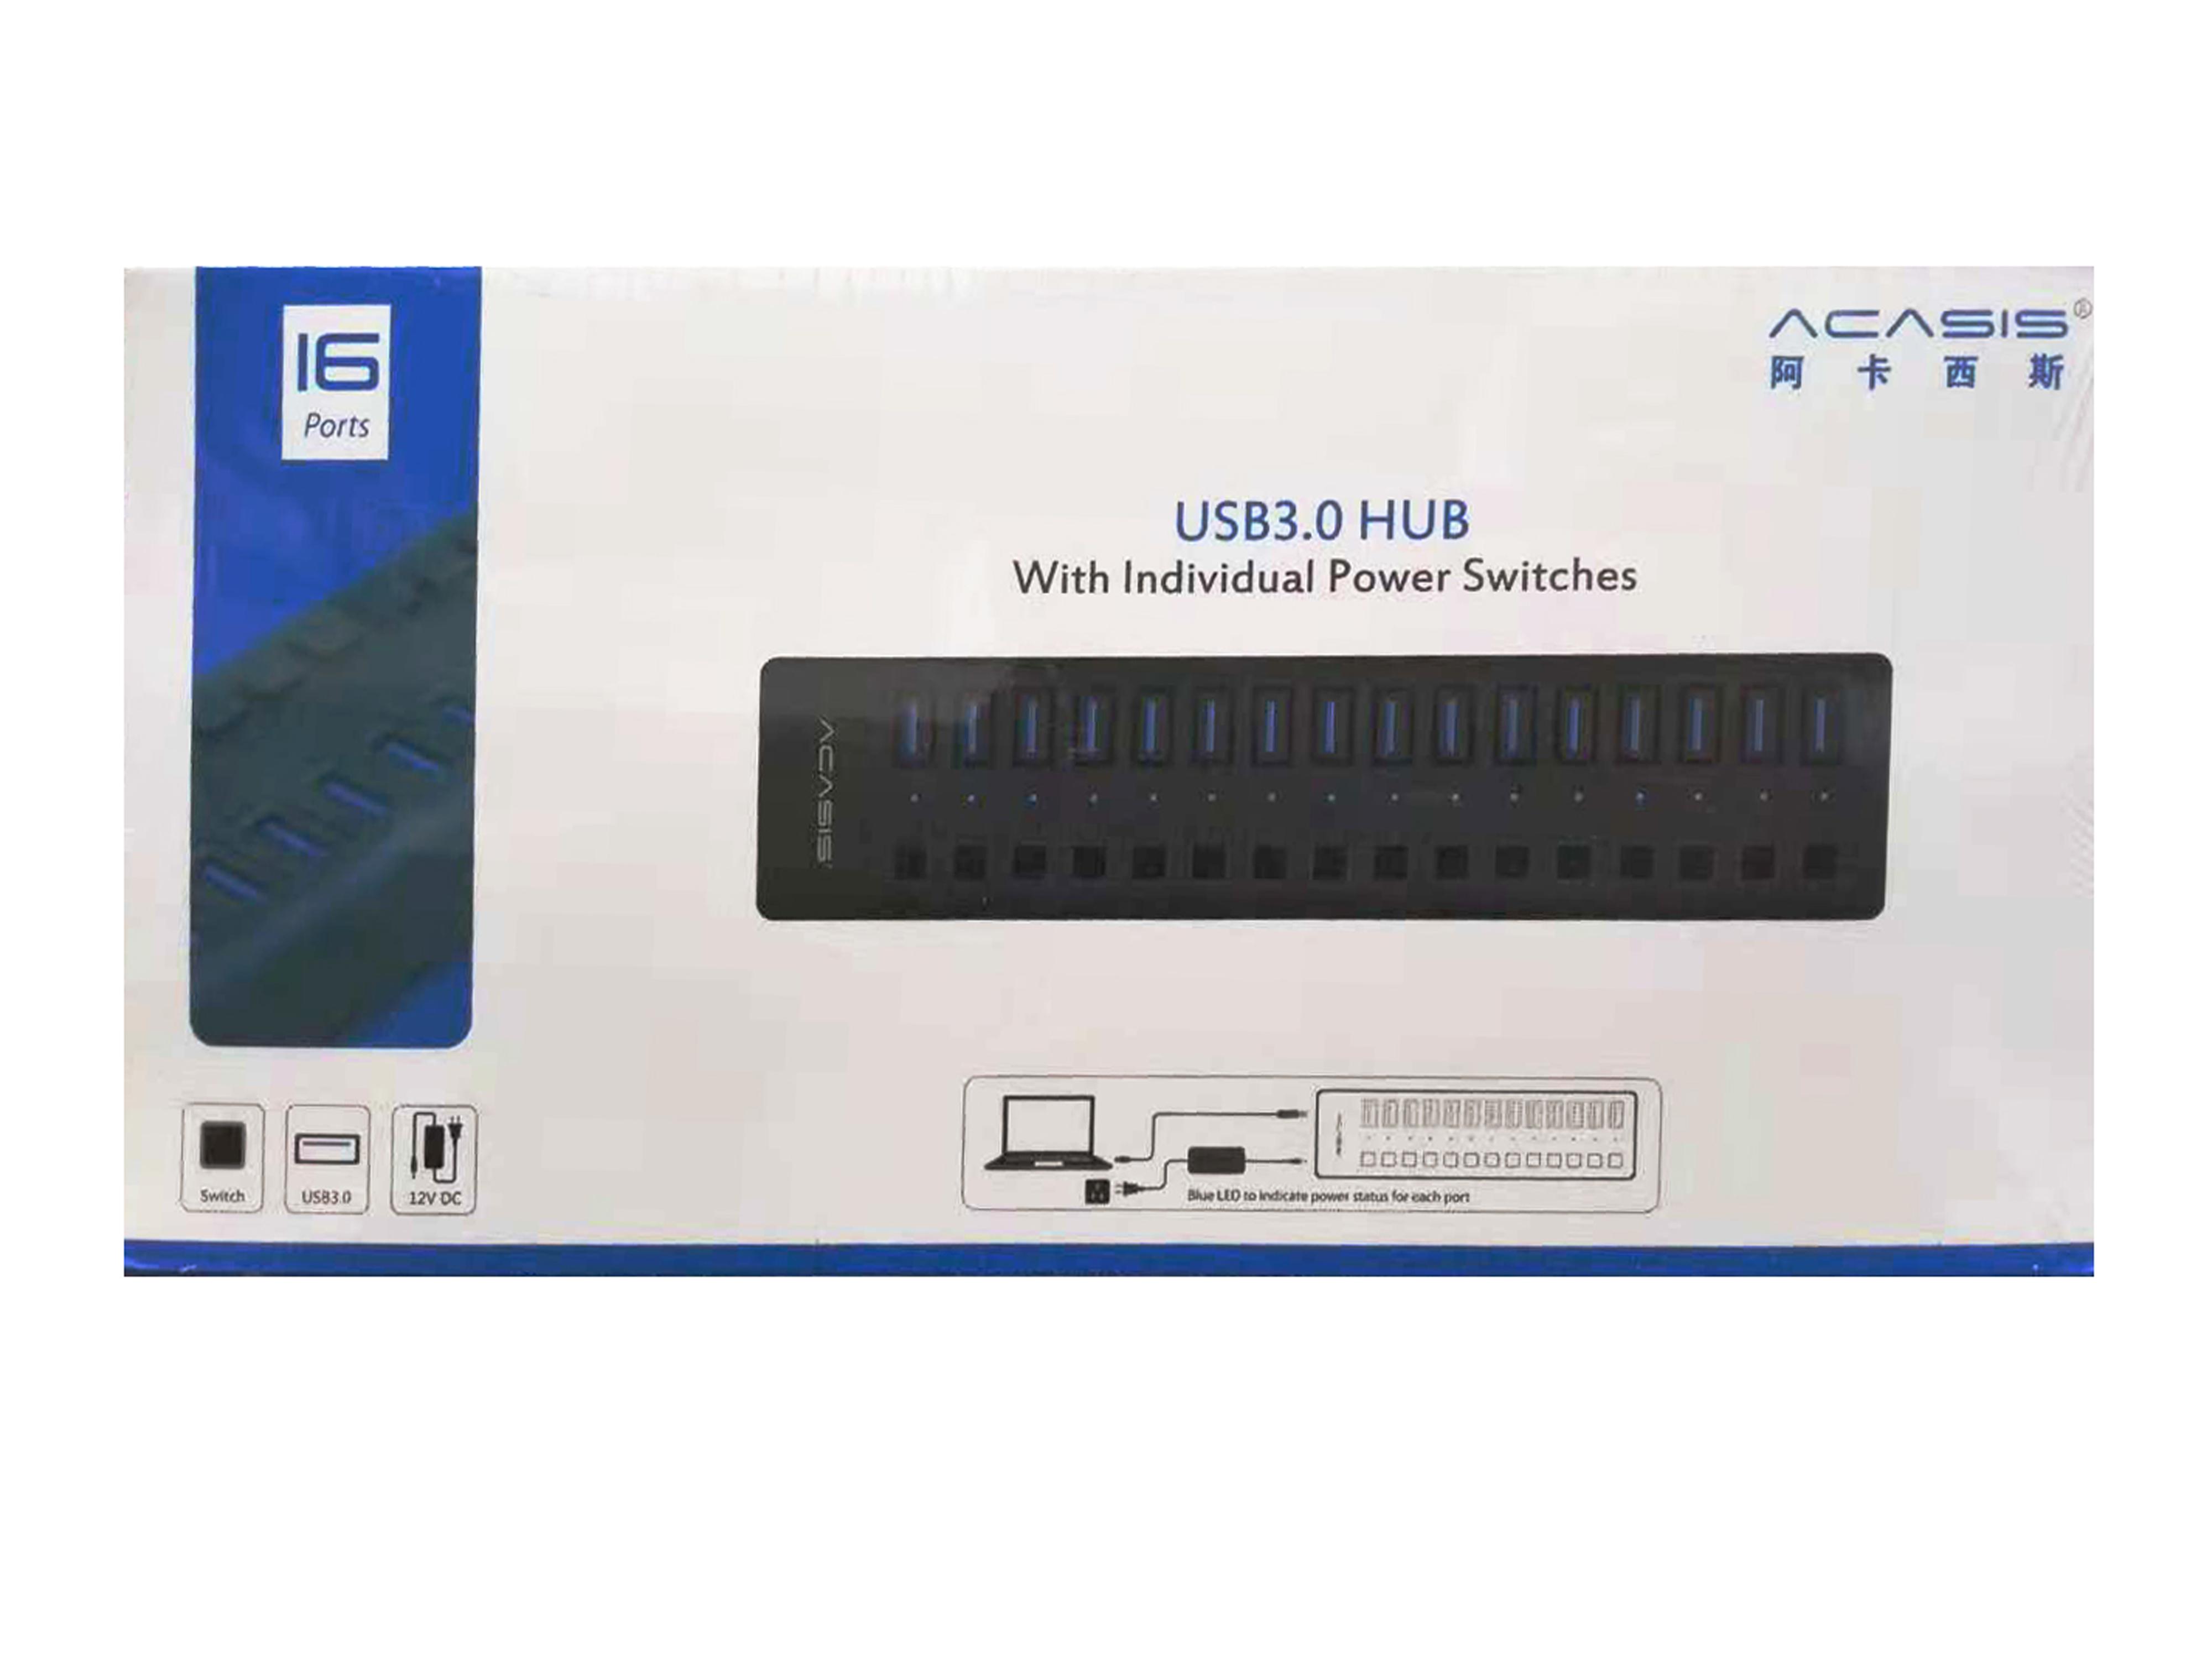 阿卡西斯USB3.0 HUB(16口)USB 3.0 HUB 16口 带电源 独立开关 金属灰色外壳 100CM线长